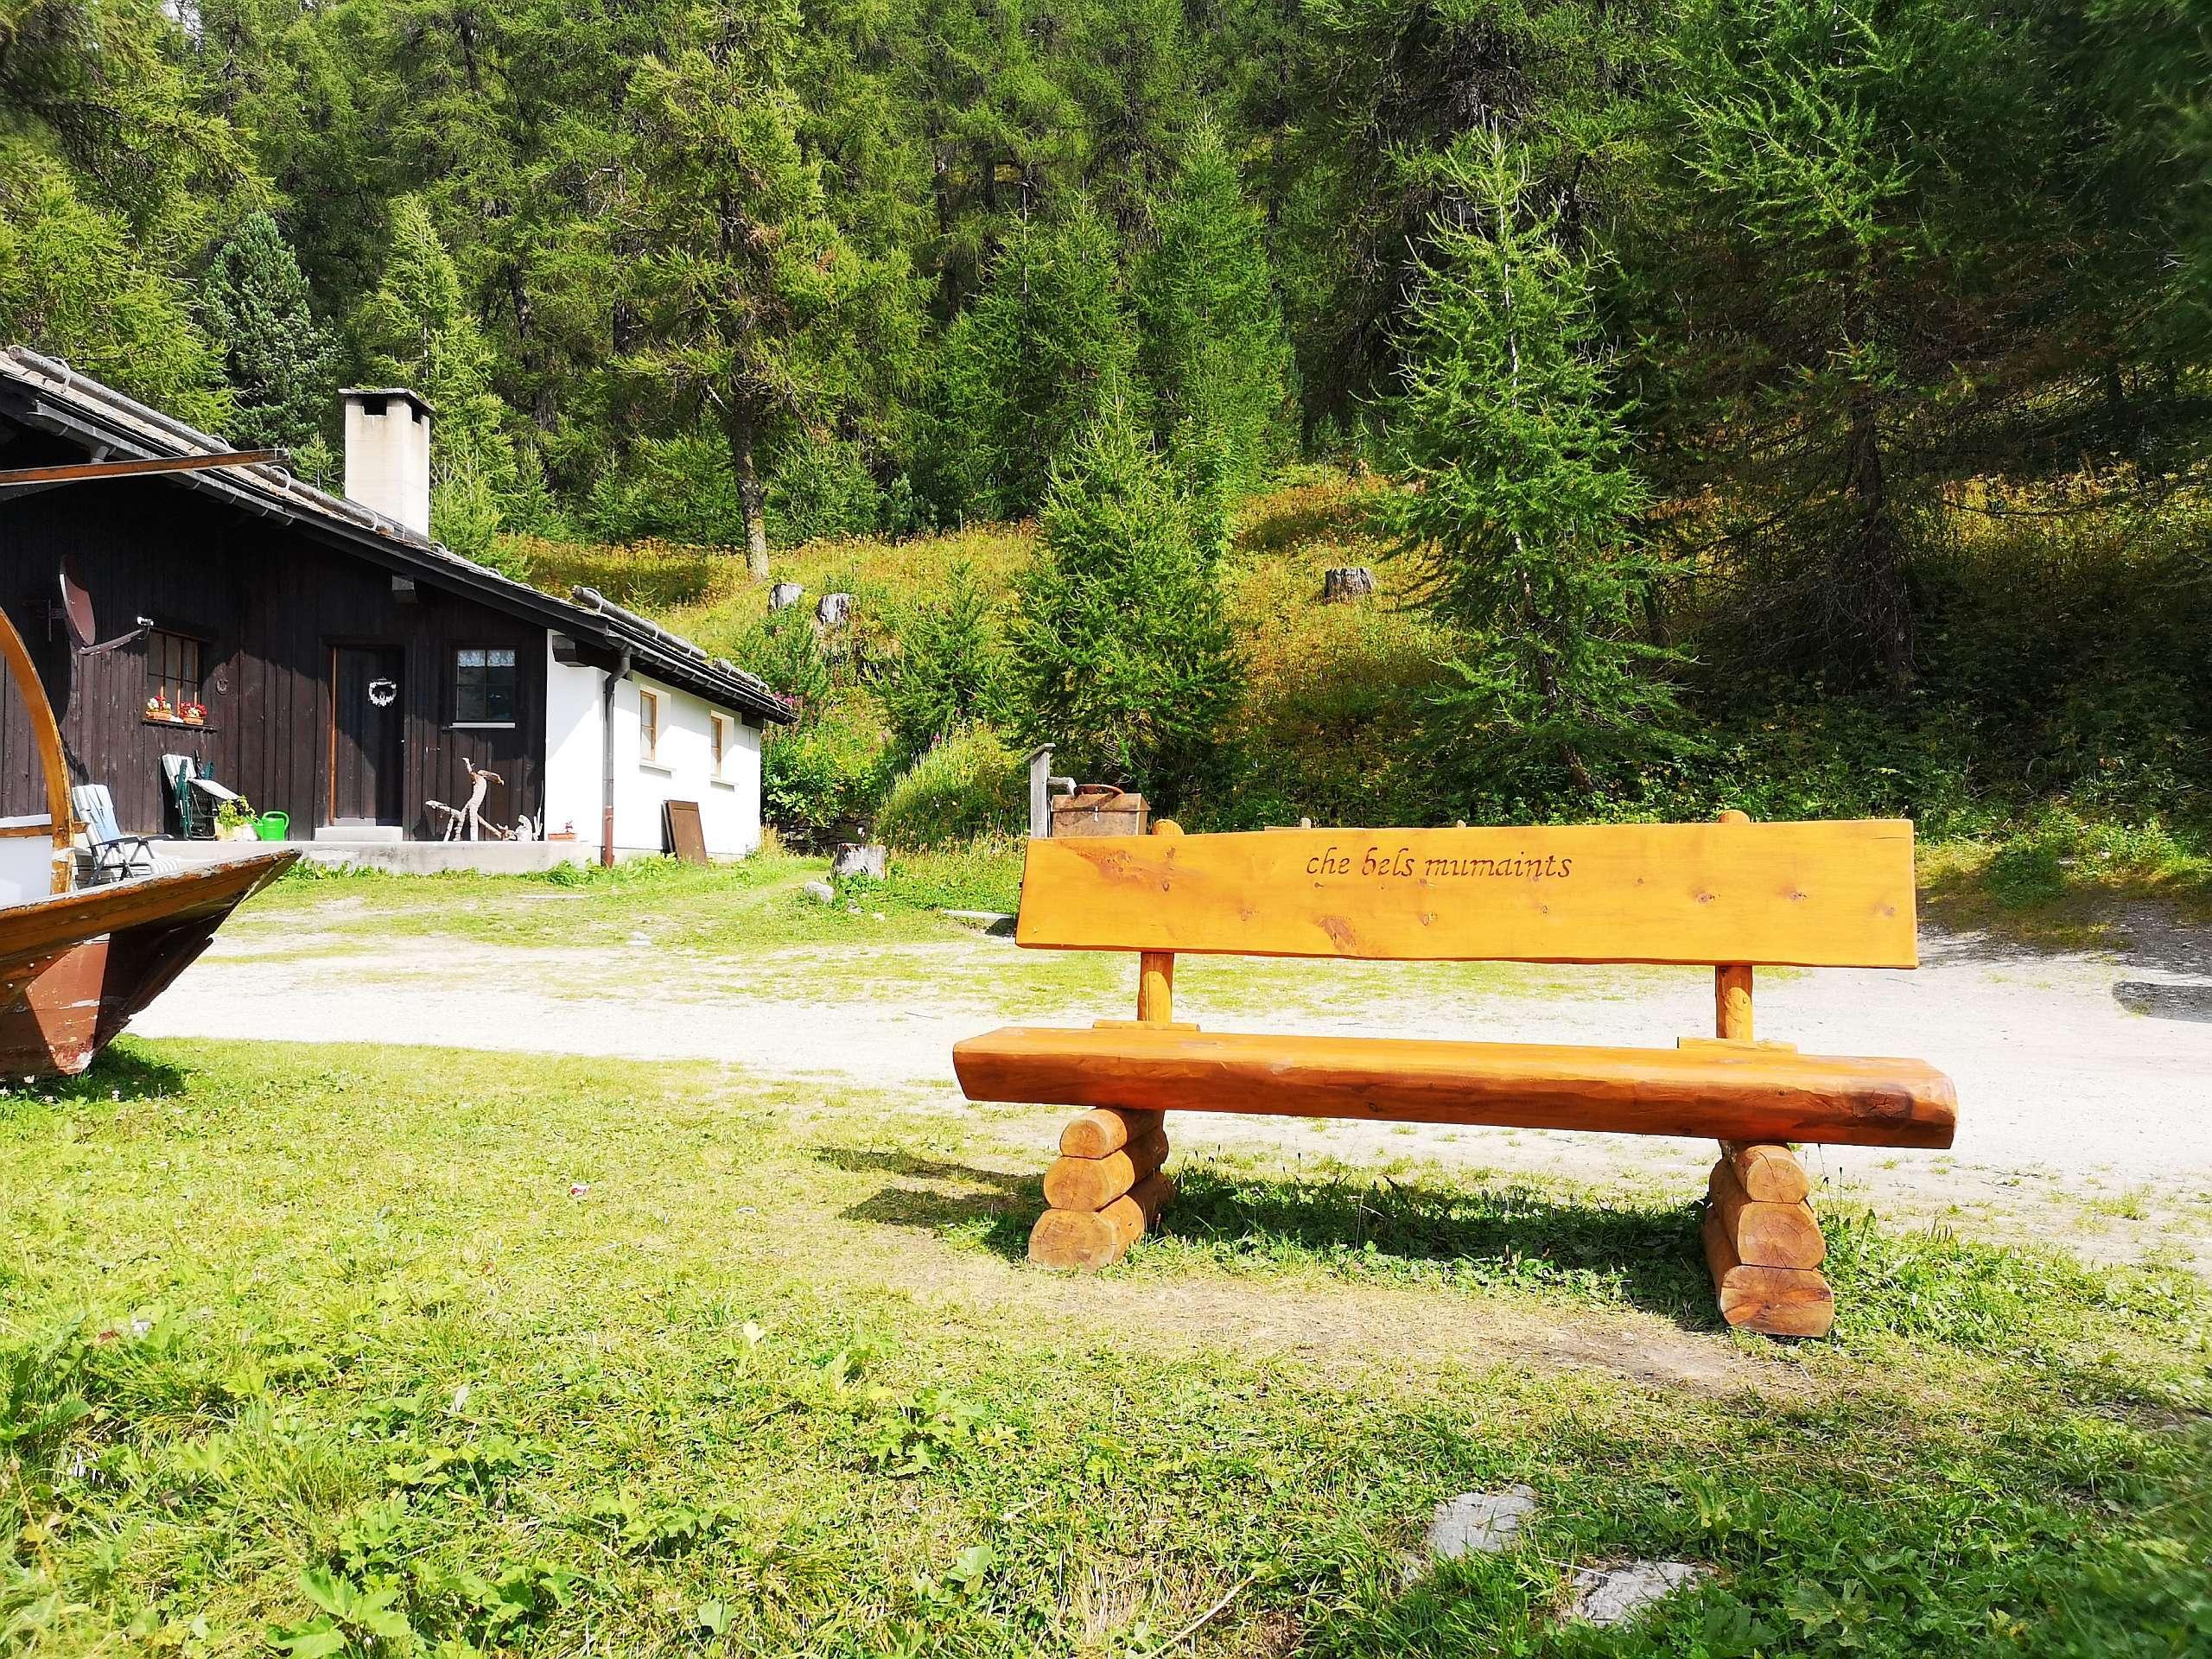 """Sitzbänkli """"che bels mumaints"""", beim Bootshaus am Silsersee Slide 2"""